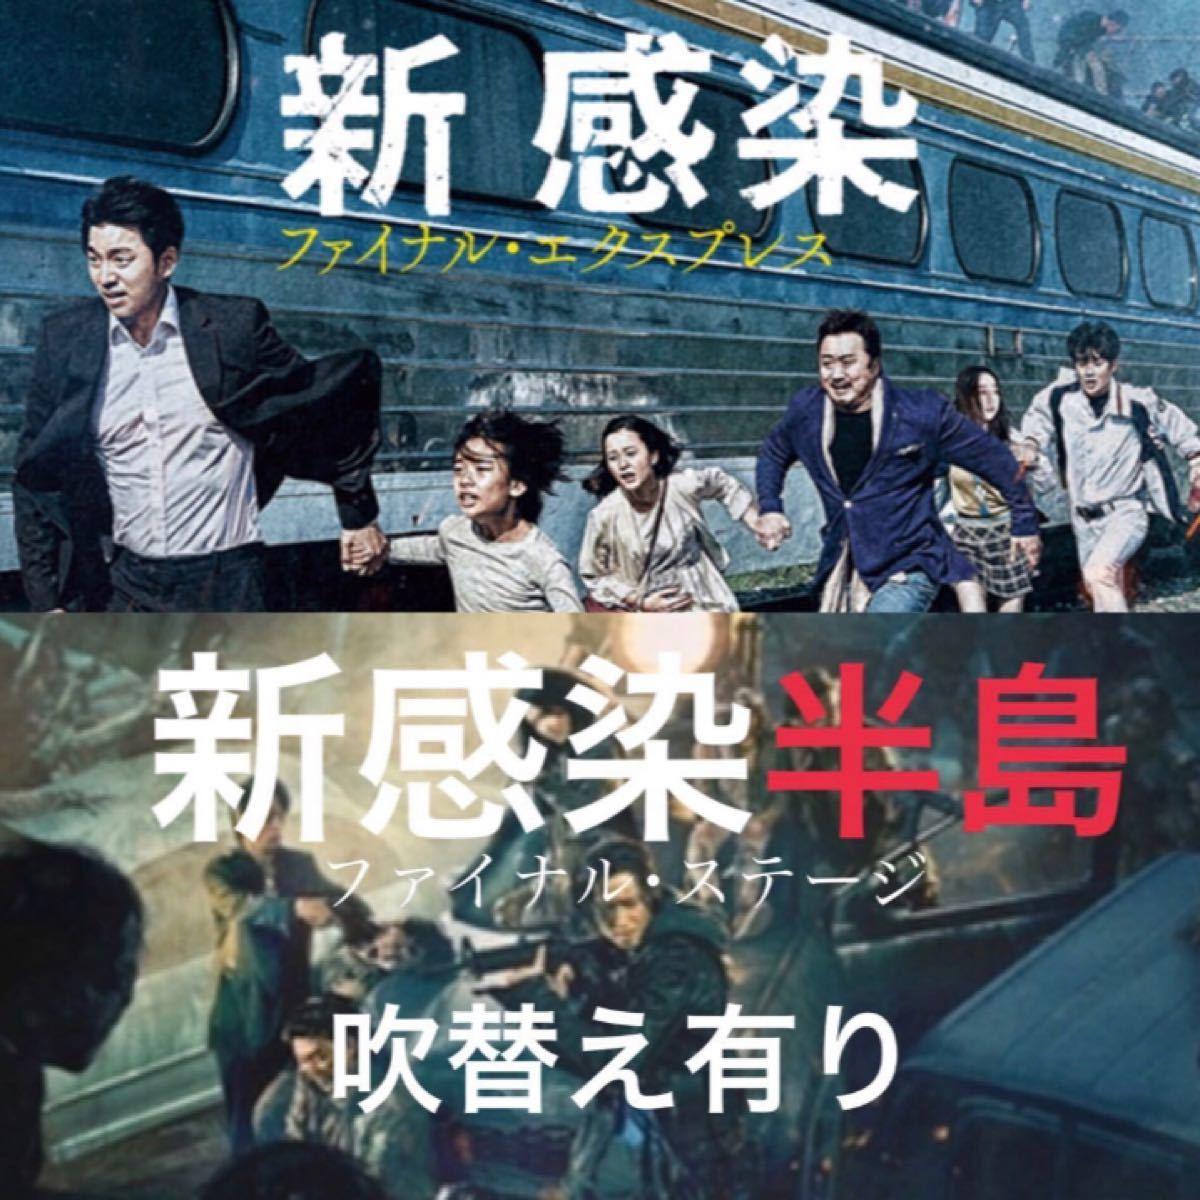 韓国映画  新感染  ファイナル・エクスプレス  新感染半島  ファイナル・ステージ  DVD  日本語吹替有り  レーベル有り